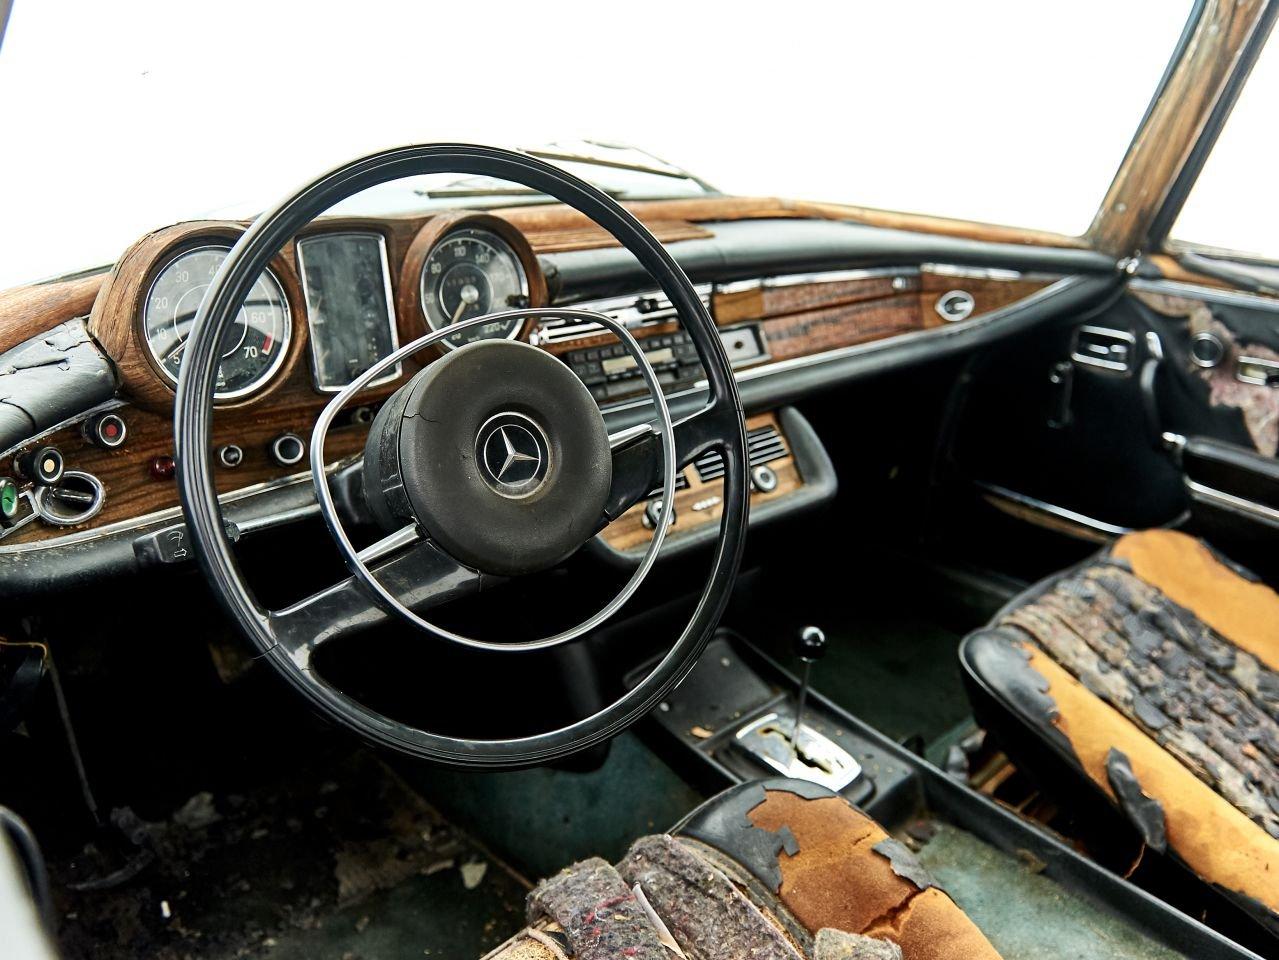 1970 MERCEDES 280SE 3.5 V8 For Sale (picture 5 of 6)